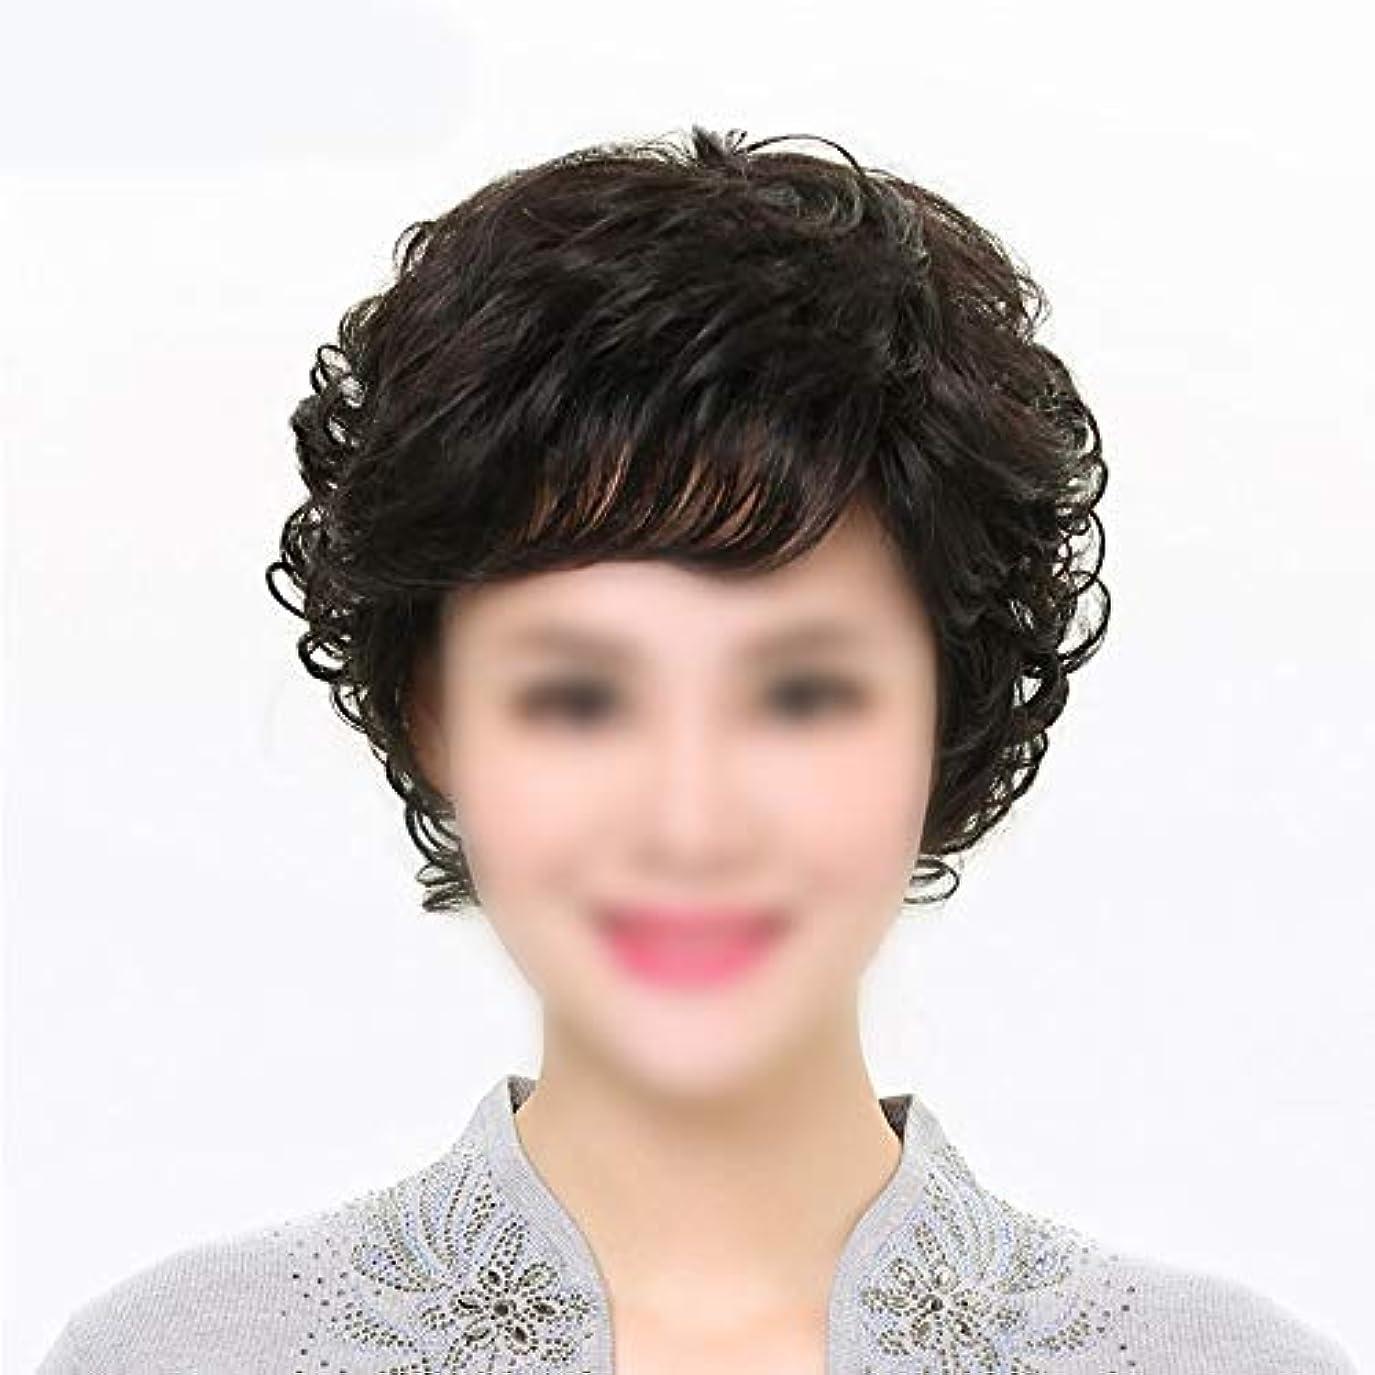 熱帯のスキャンダル流用するYOUQIU 母ヘアウィッグ中年ウィッグウィッグのために前髪を持つ女性の本当の髪のショートカーリーヘア (色 : 黒, Edition : Mechanism)